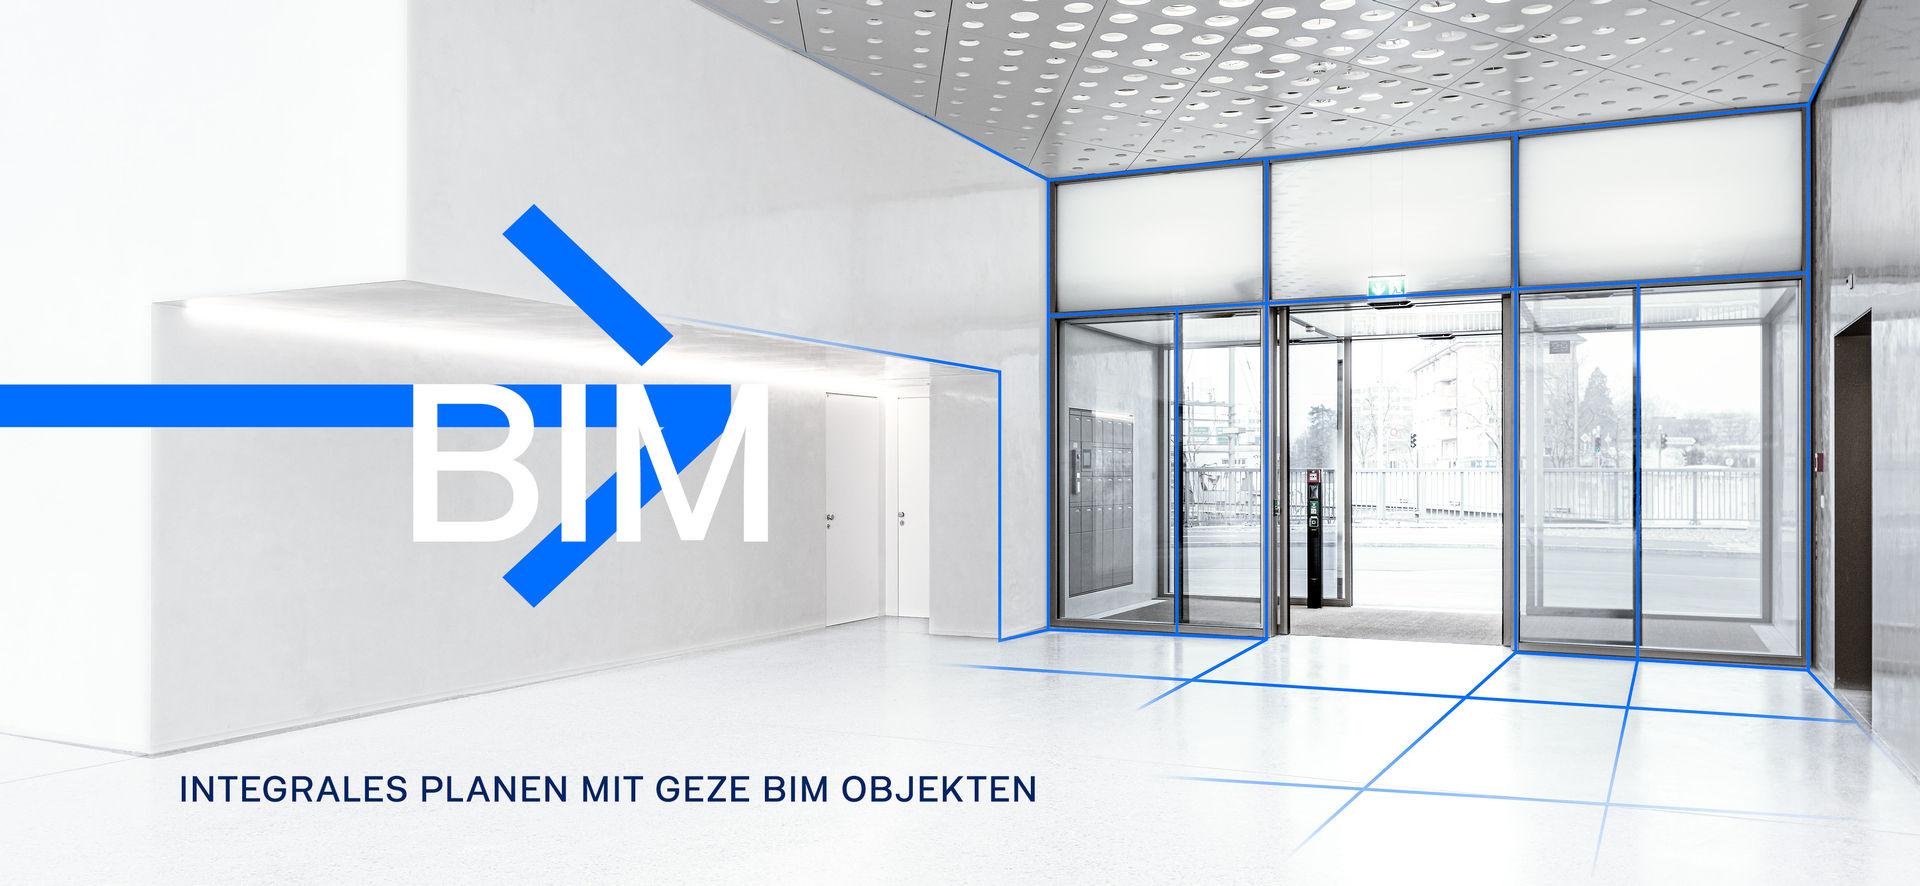 BIM - Integrales Planen mit GEZE BIM Objekten